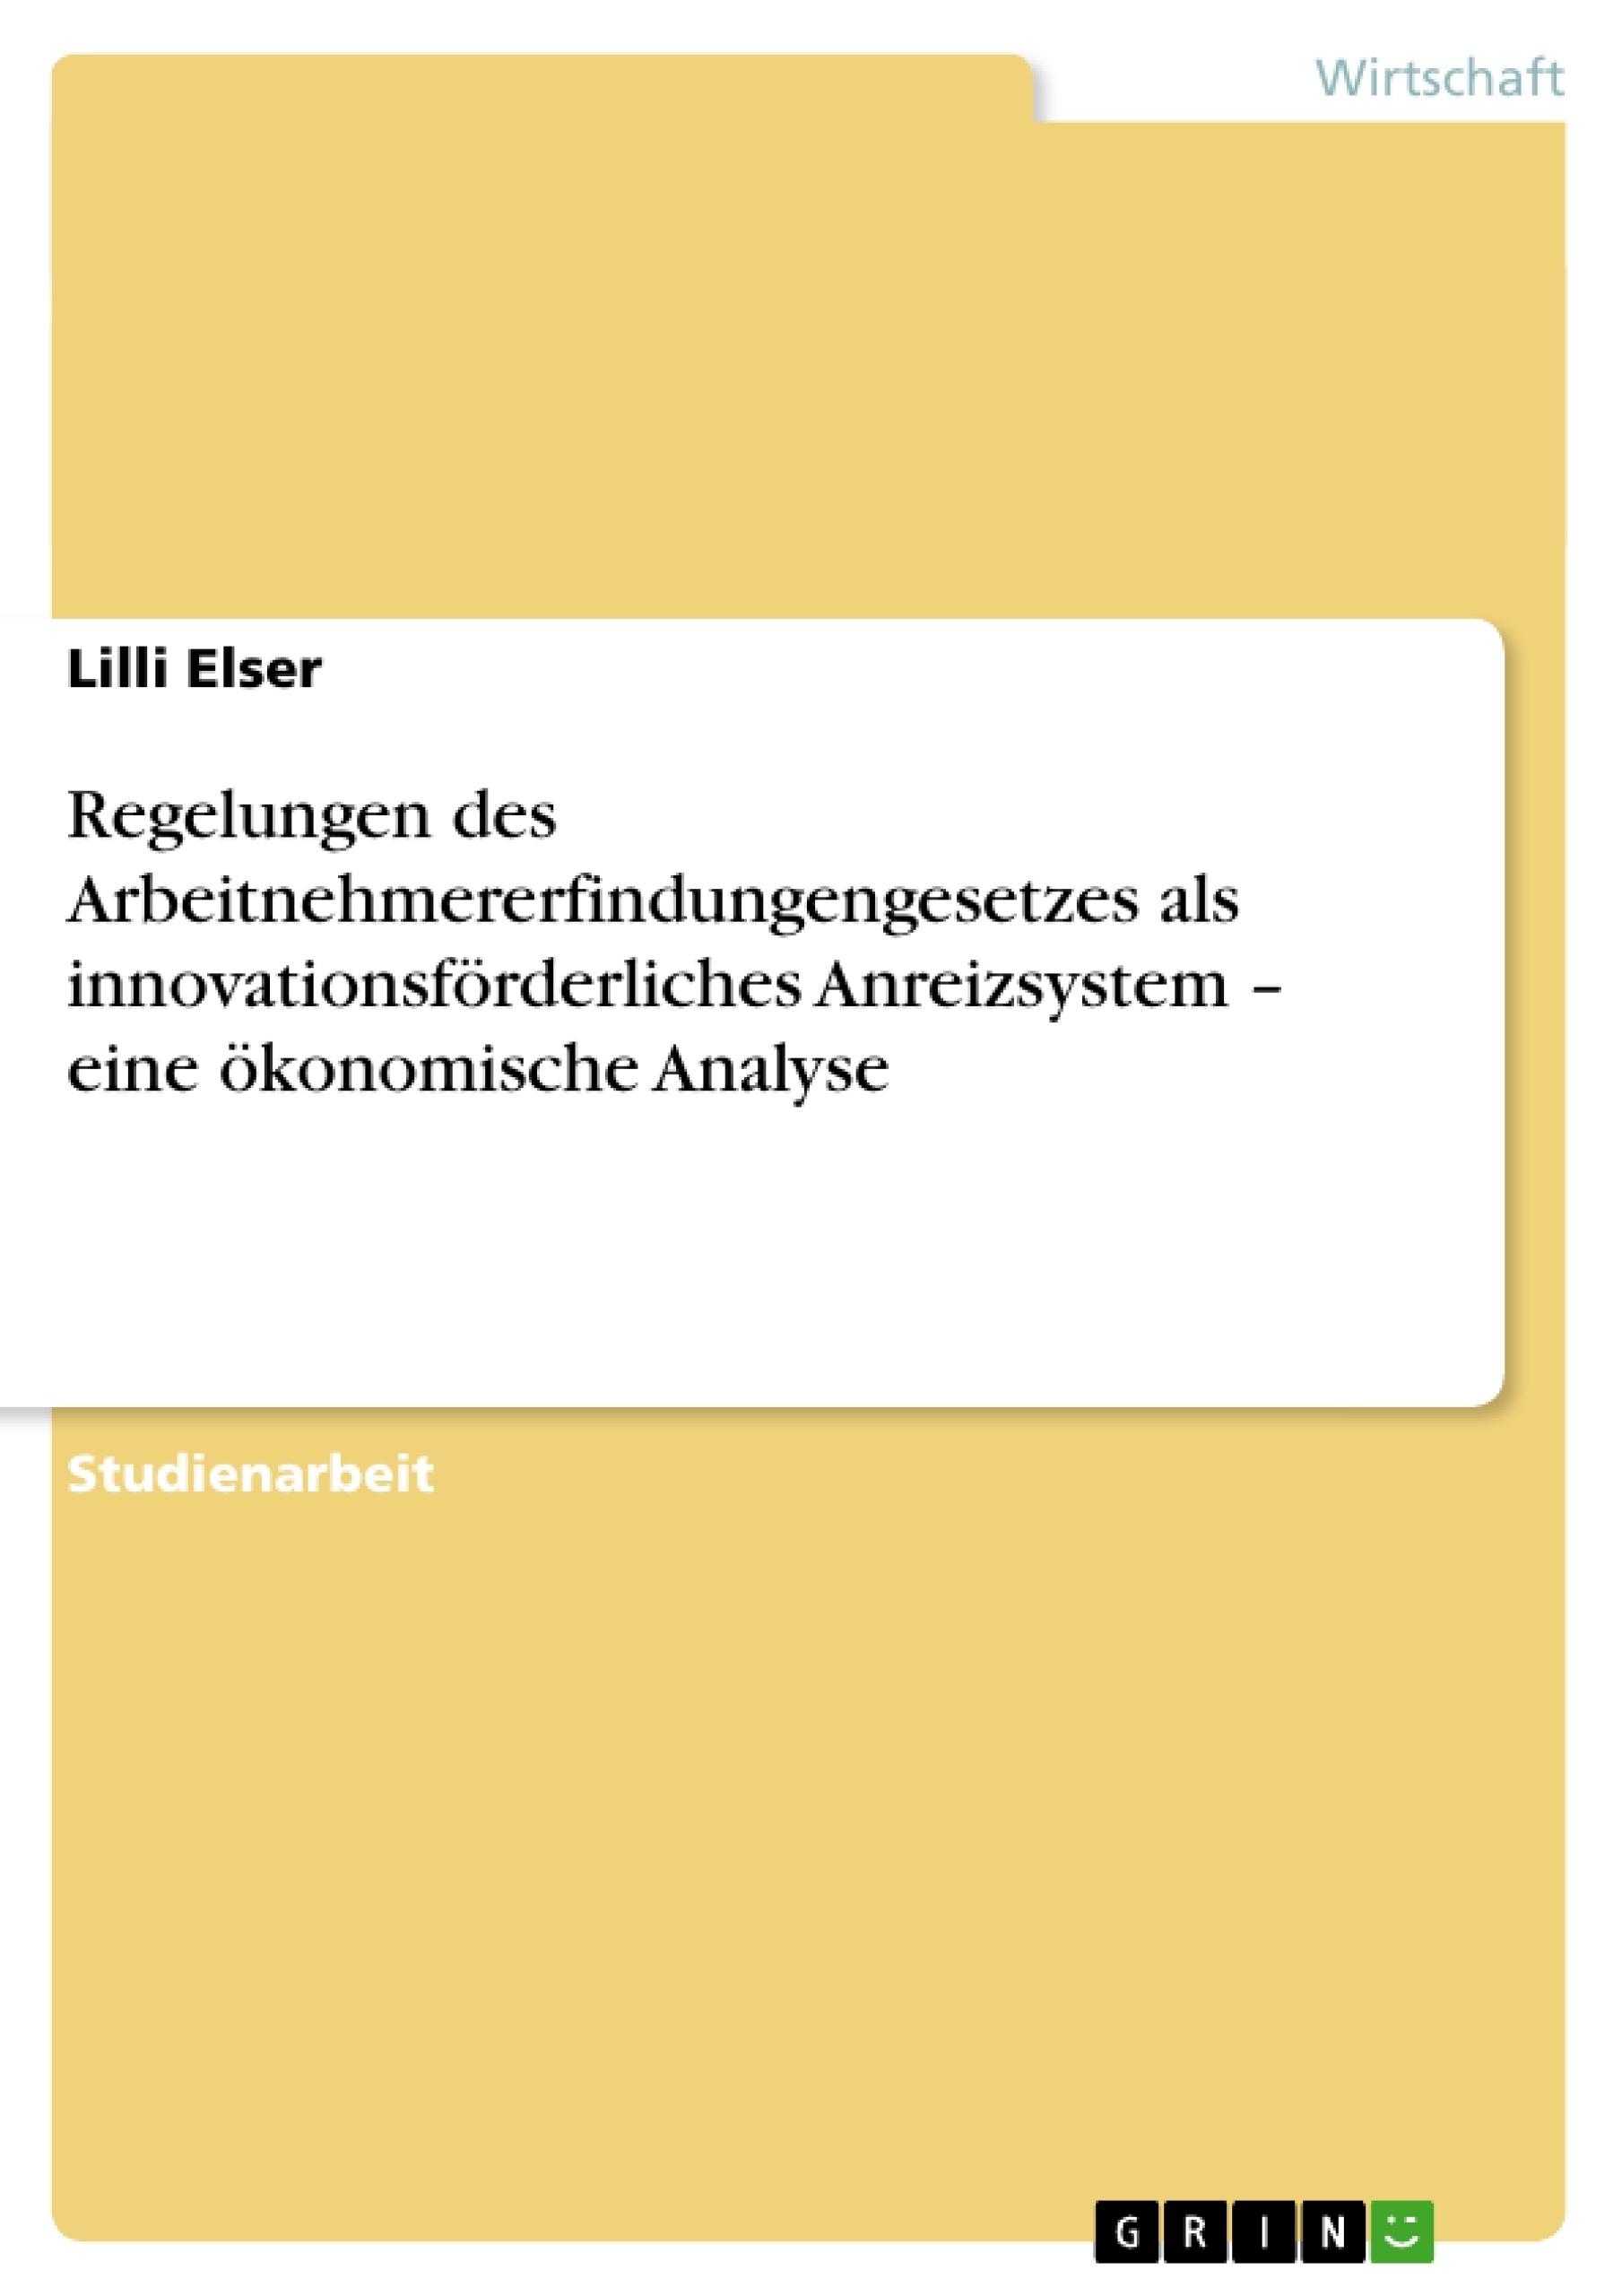 Titel: Regelungen des Arbeitnehmererfindungengesetzes als innovationsförderliches Anreizsystem – eine ökonomische Analyse